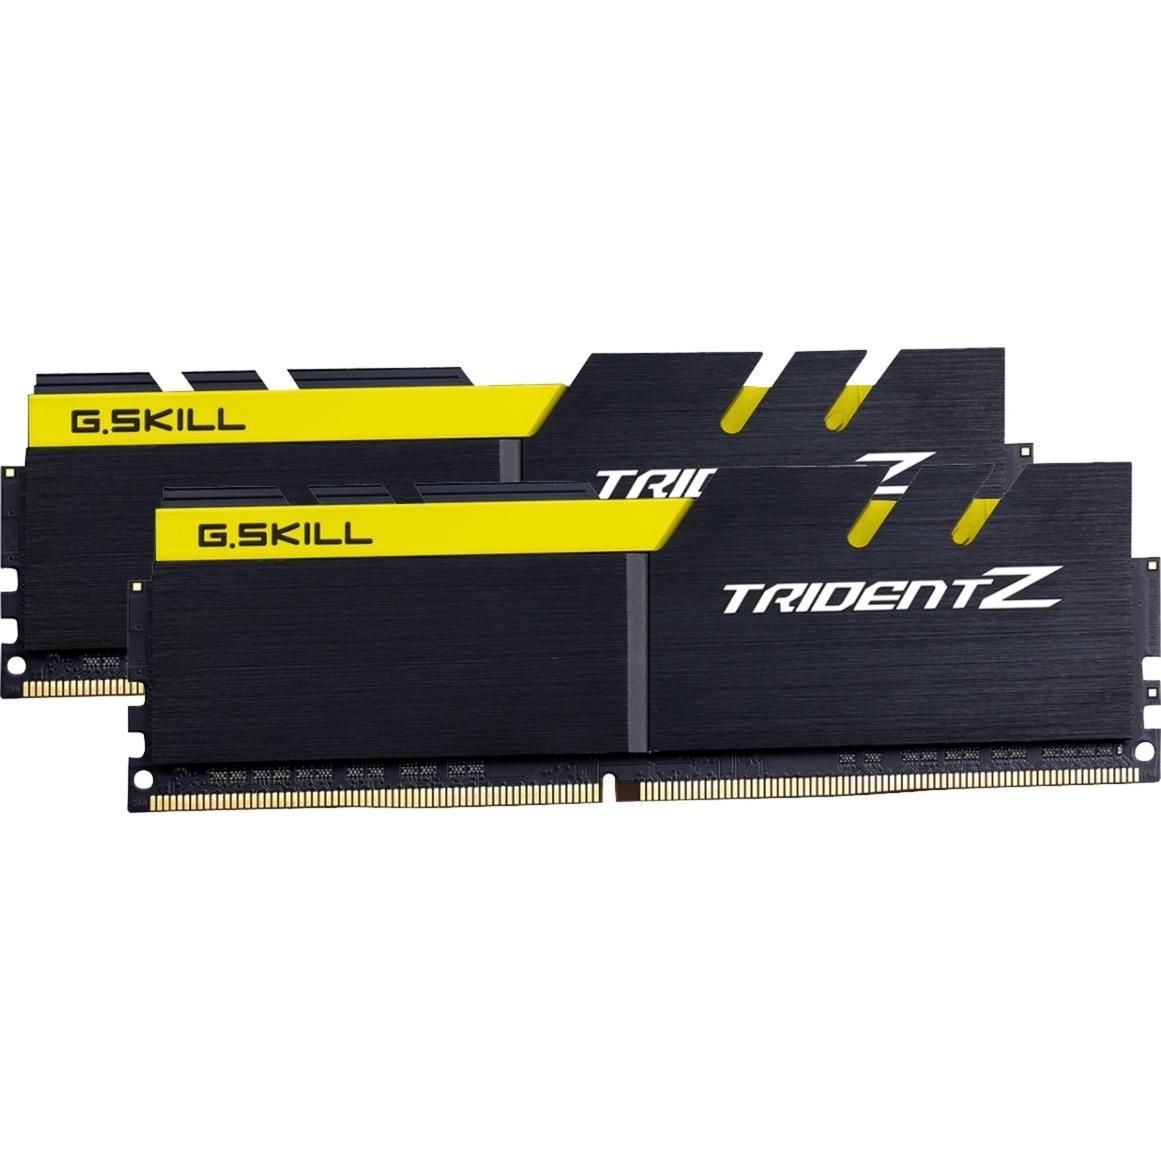 D416GB 3200-15 Trident Z K2 GSK, Mémoire